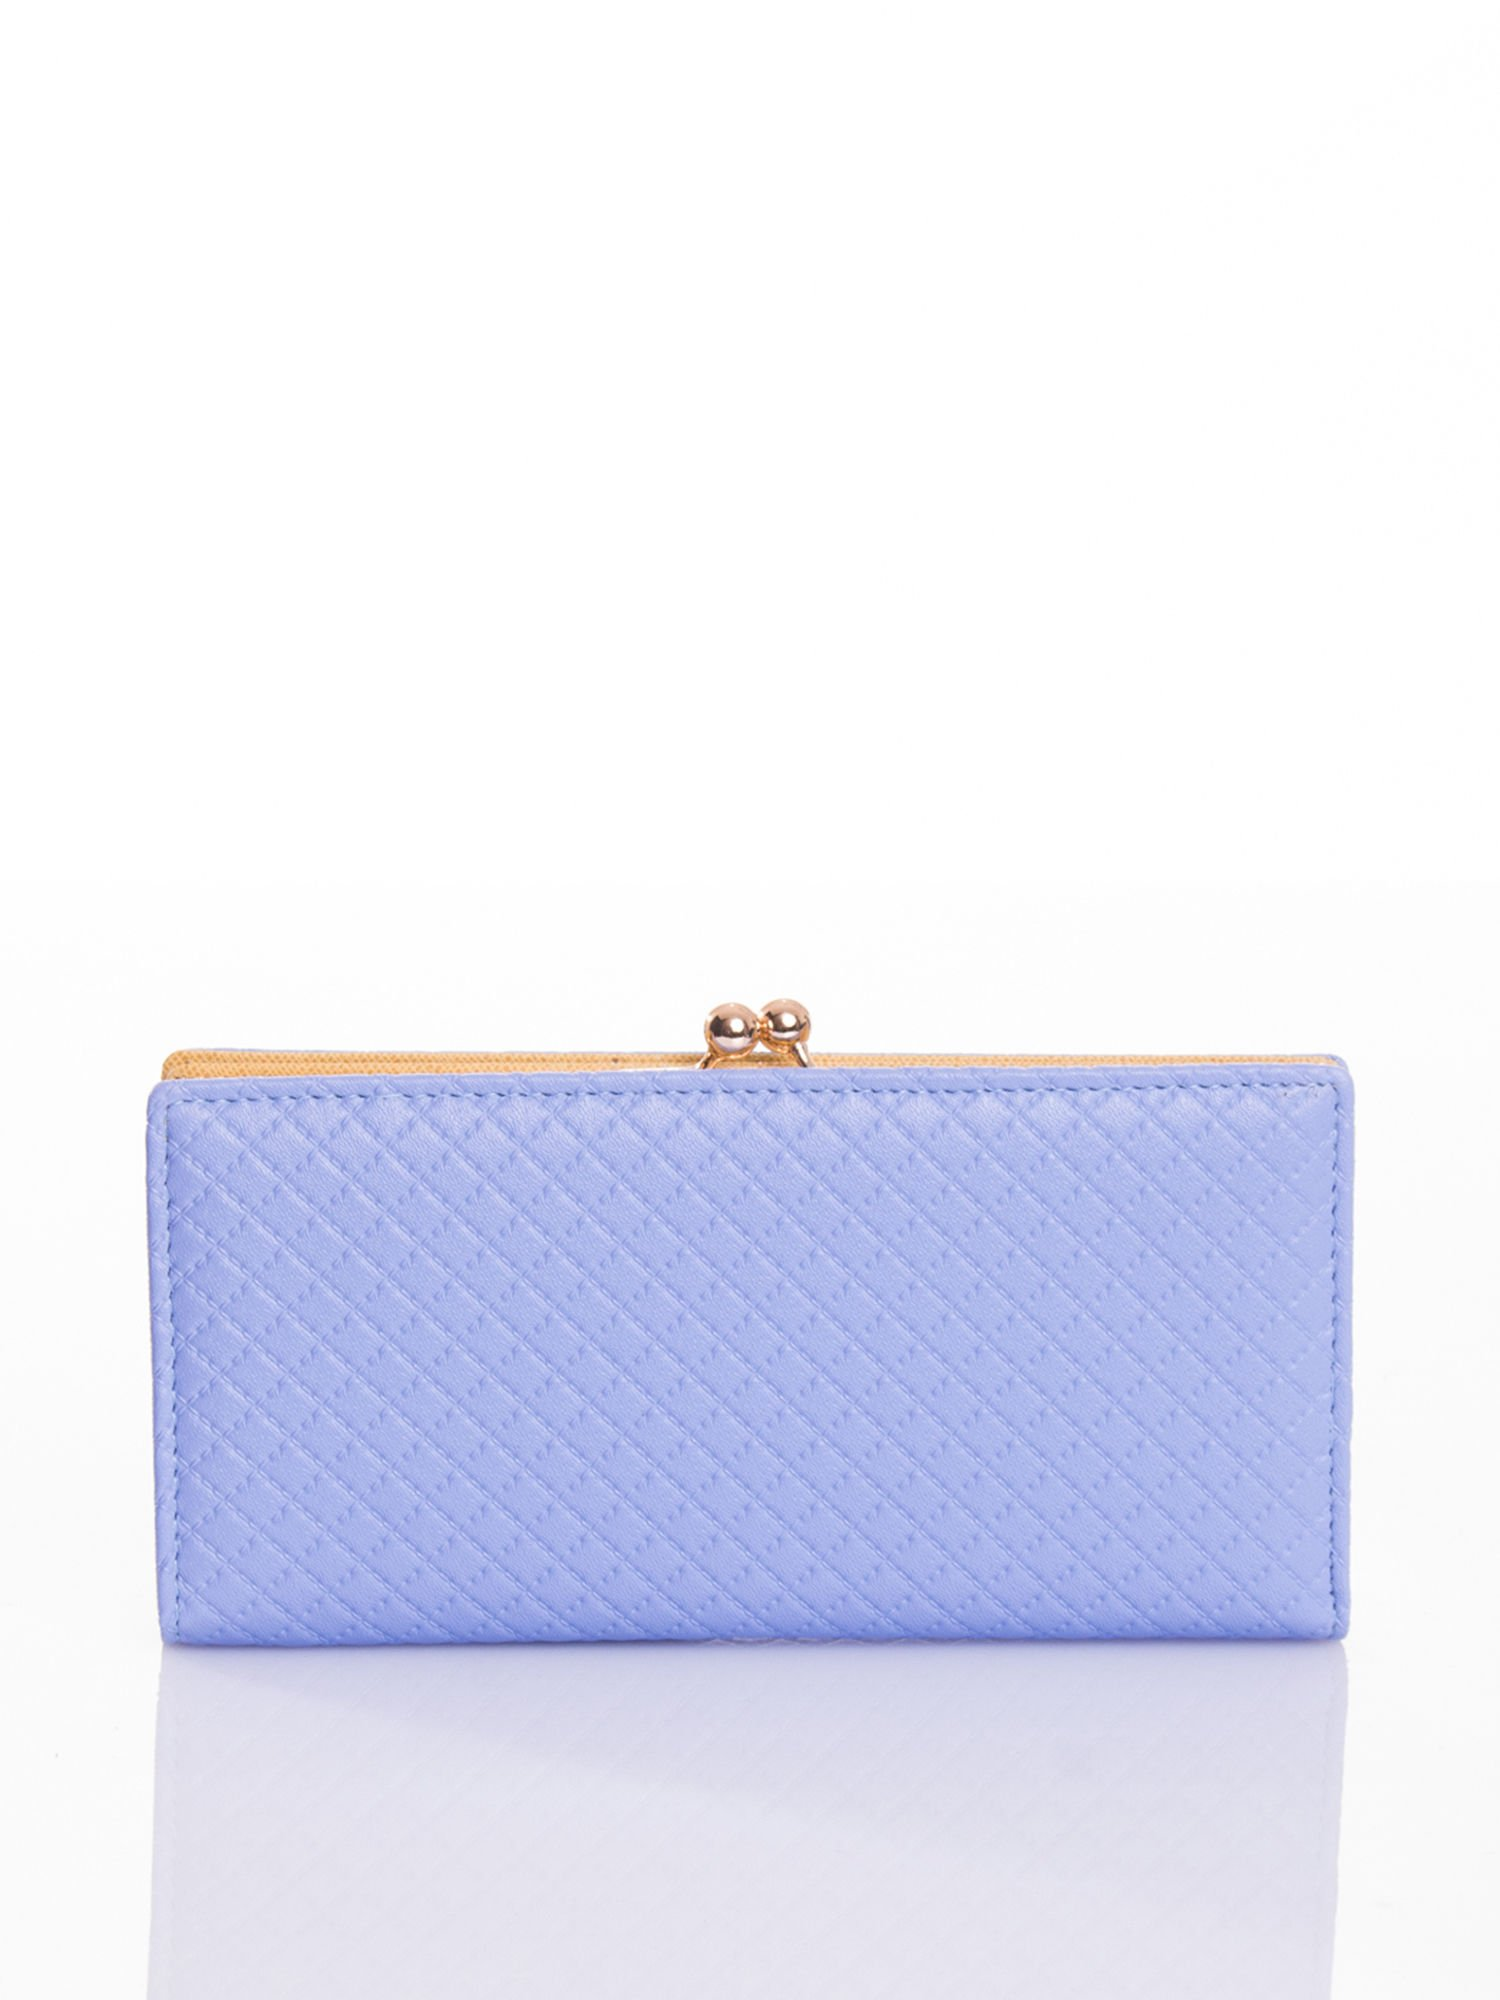 Jasnoniebieski elegancki portfel na bigiel                                  zdj.                                  1